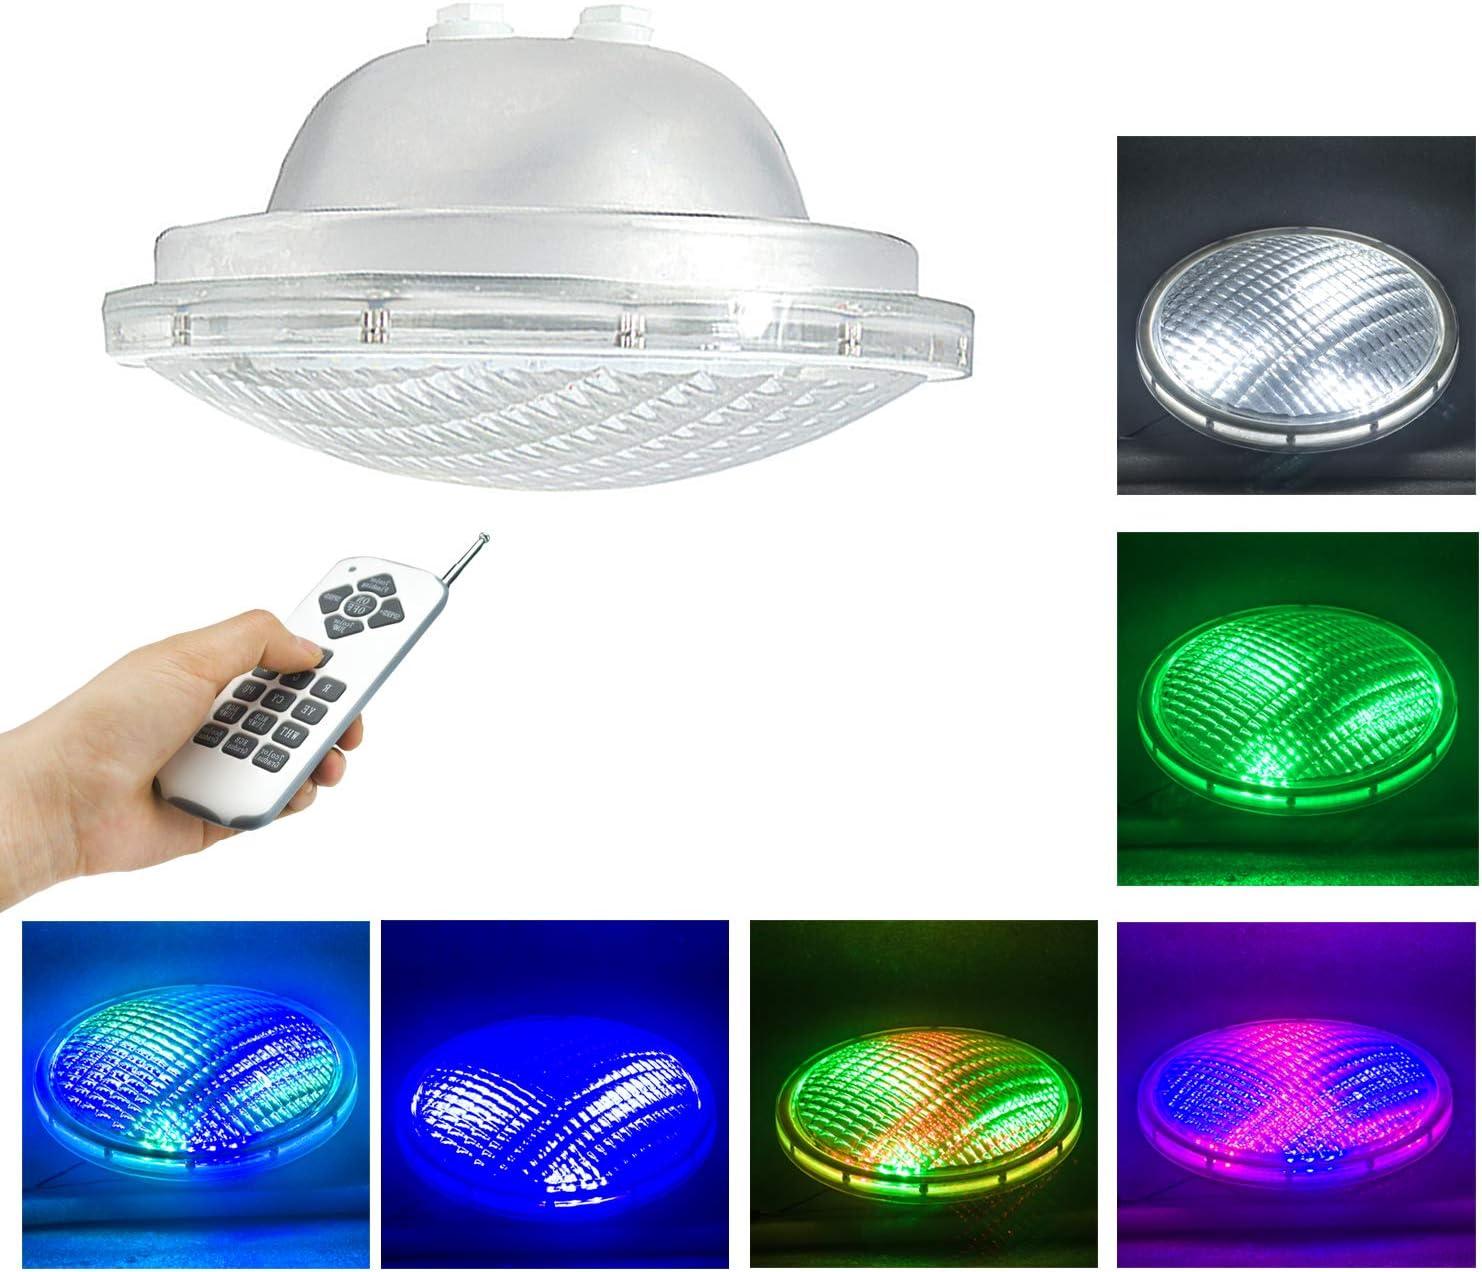 PAR 56 LED Piscina,AC/DC 12V 54W Led Piscina Iluminacion Con Mando a Distancia,IP68 Impermeable Foco de Piscina lámpara para piscinas(Par56 54W-RGBW